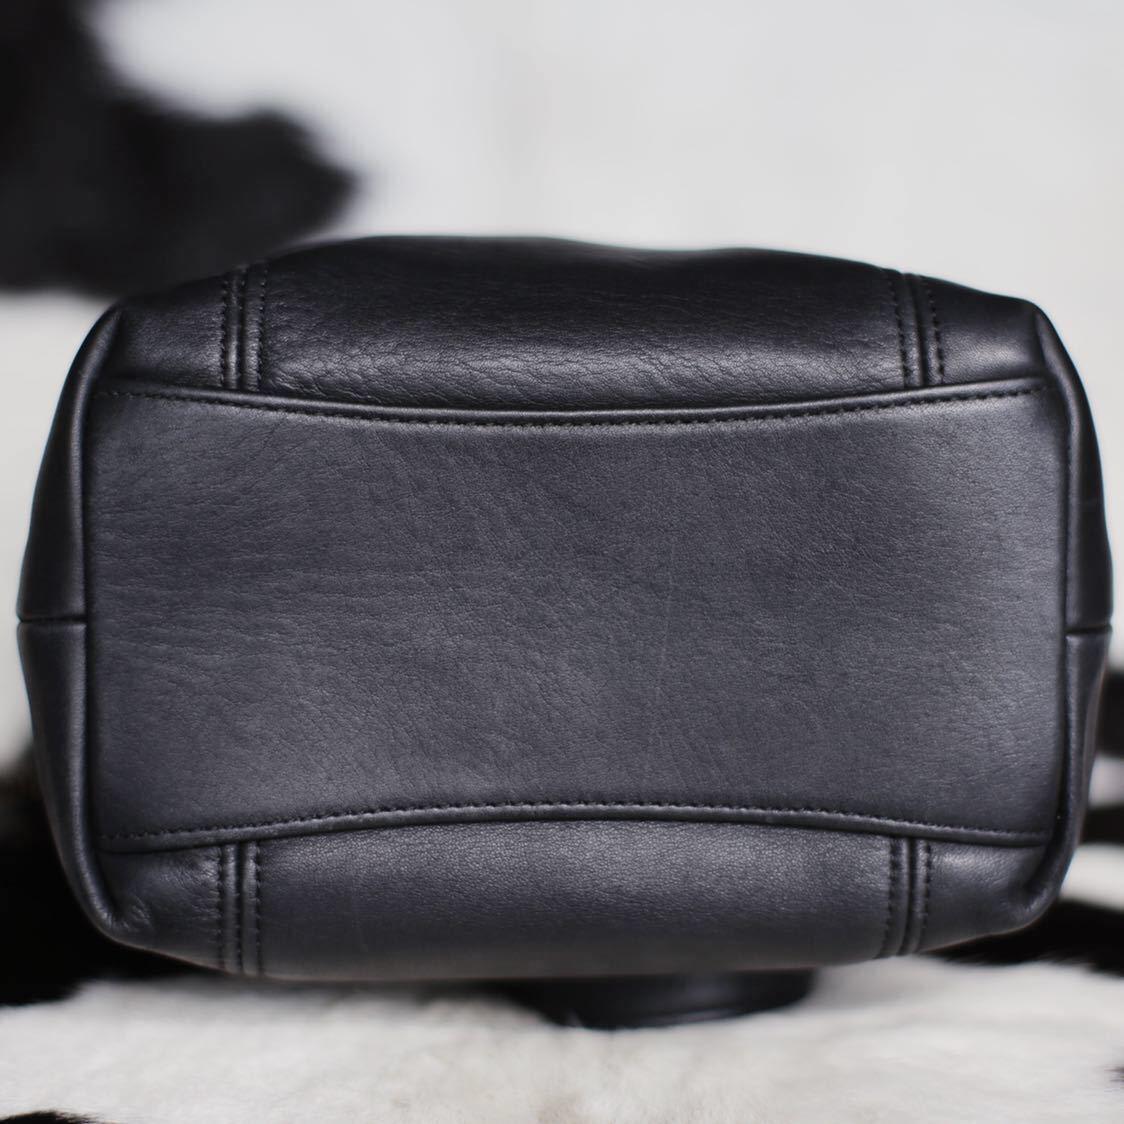 極美品 美品 コーチ COACH トートバッグ バッグ ビジネスバッグ 黒 ブラック レザー メンズバッグ 革 15万 オールドコーチ ビンテージ B5_画像7